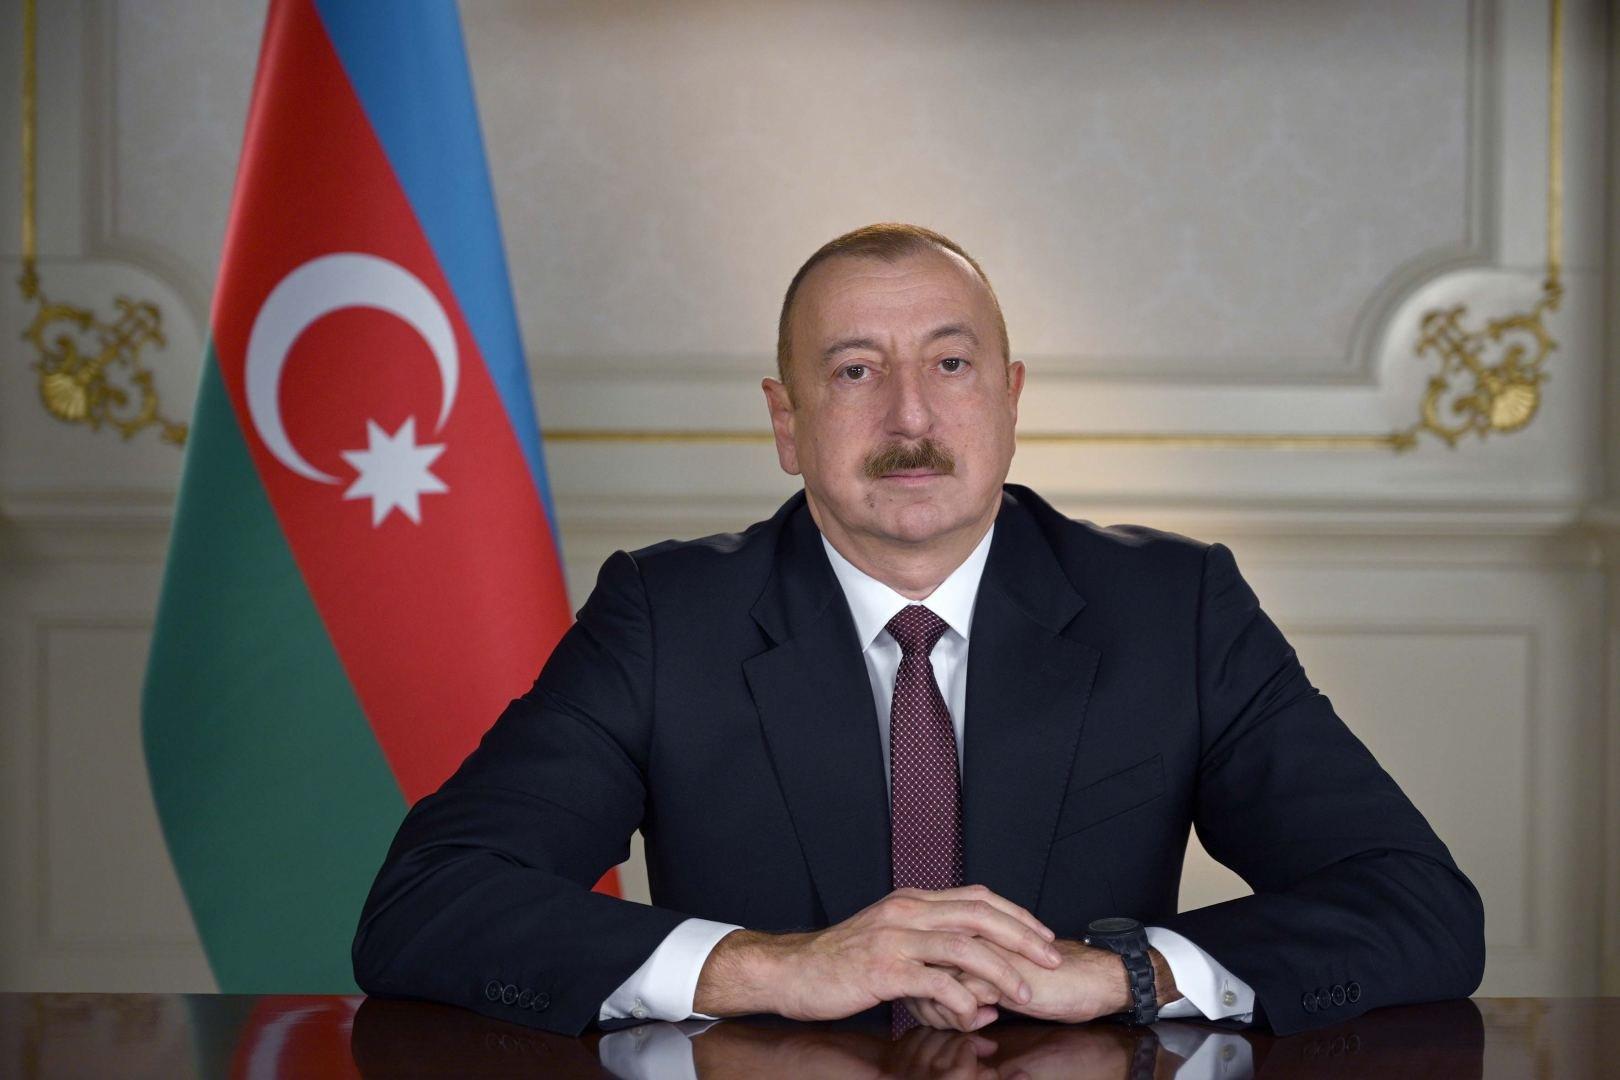 Prezident İlham Əliyev Nazirlər Kabinetinə 1 milyard manat ayırdı